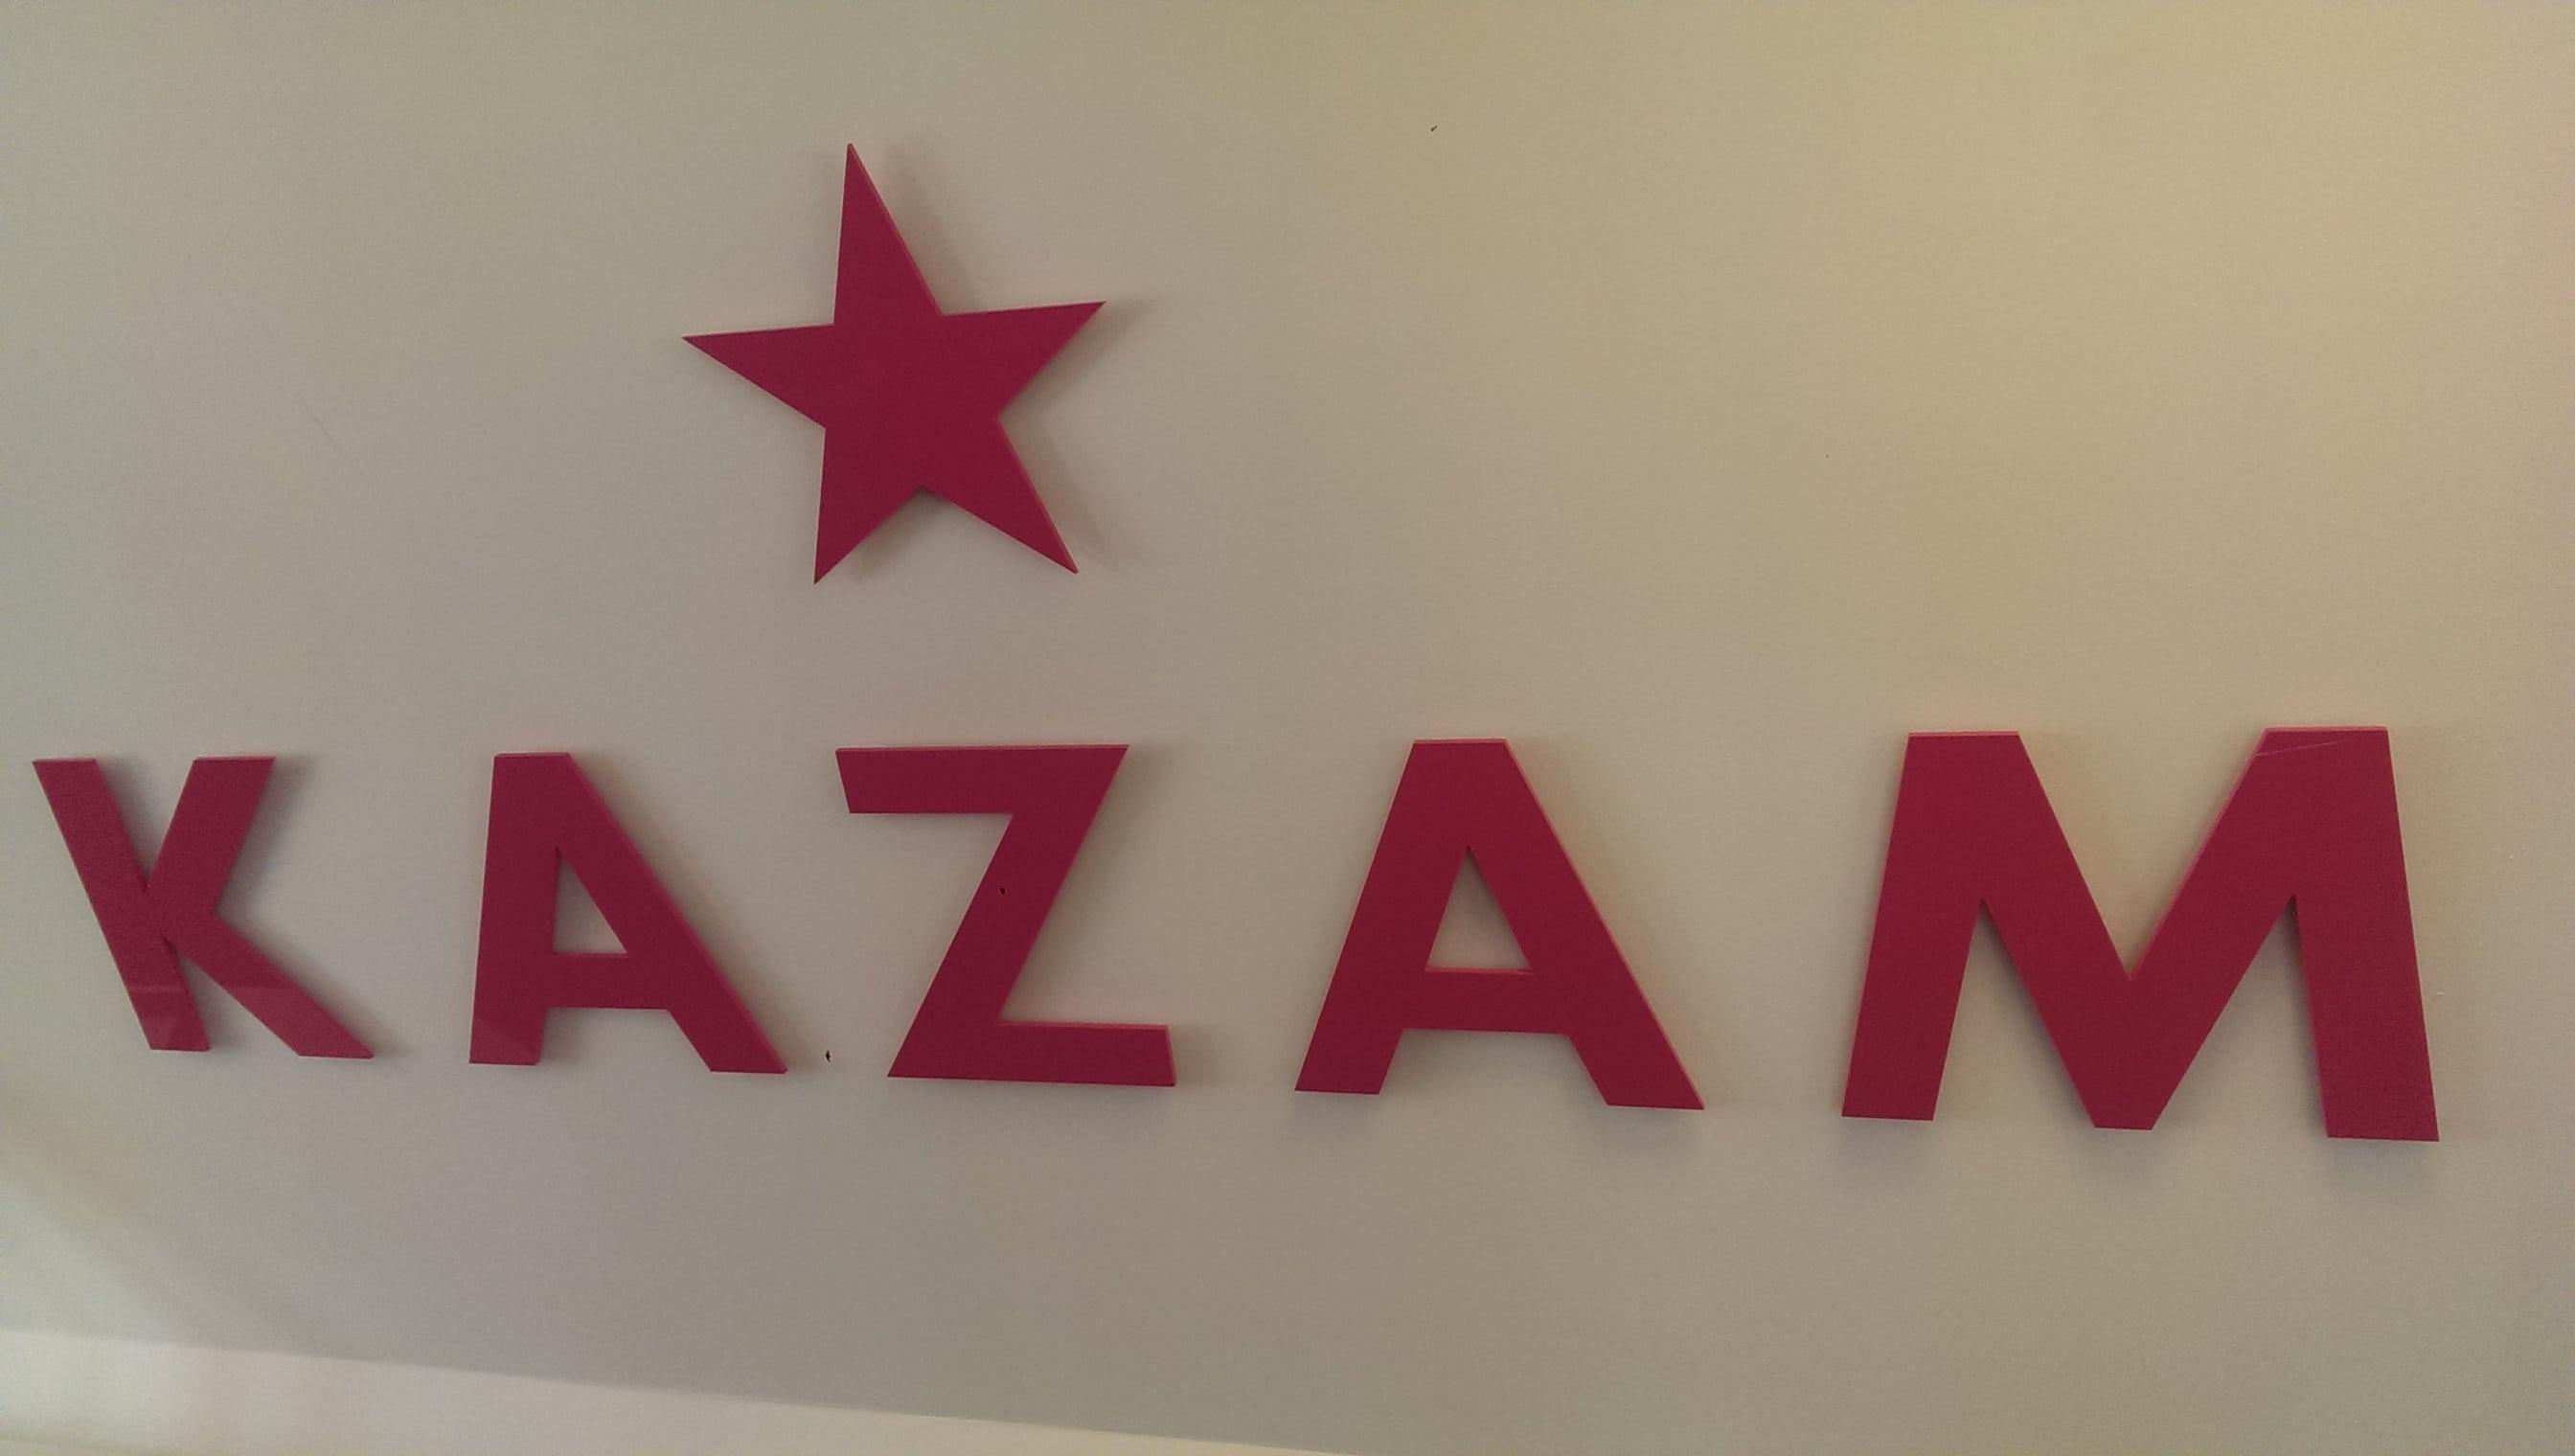 Projecten_kantoorinrichting_Kazam_interieurbouw_zakelijk